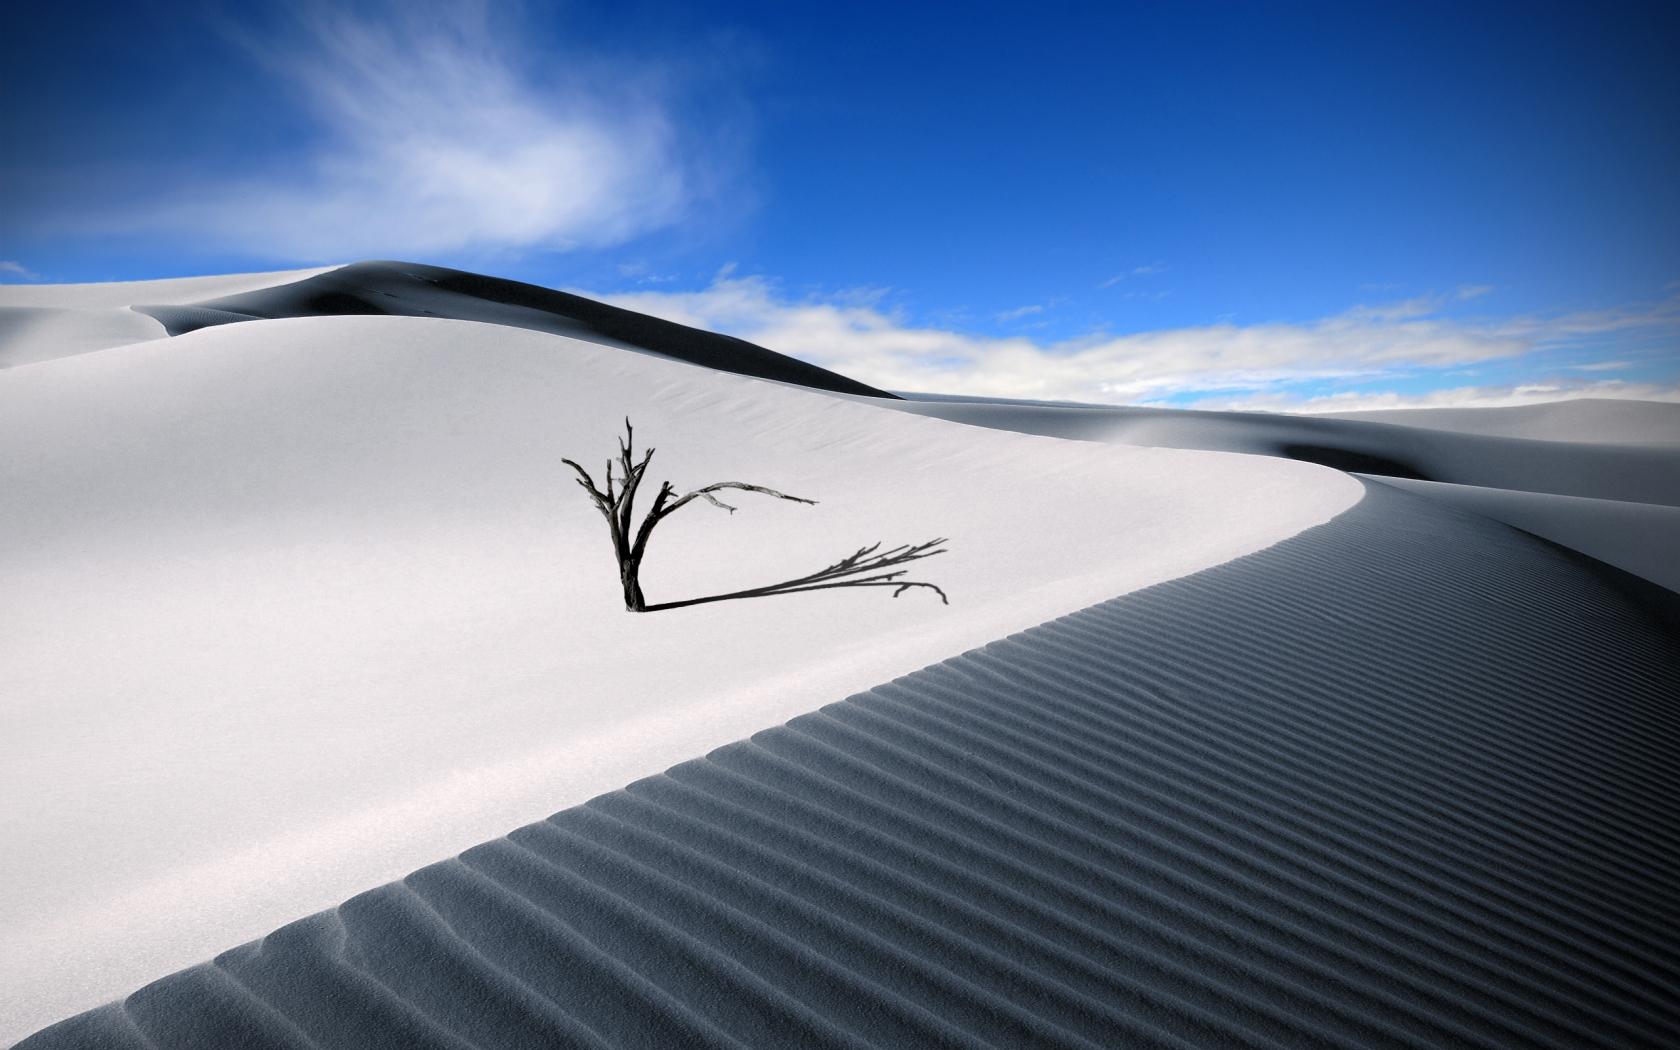 Dunas en el desierto - 1680x1050